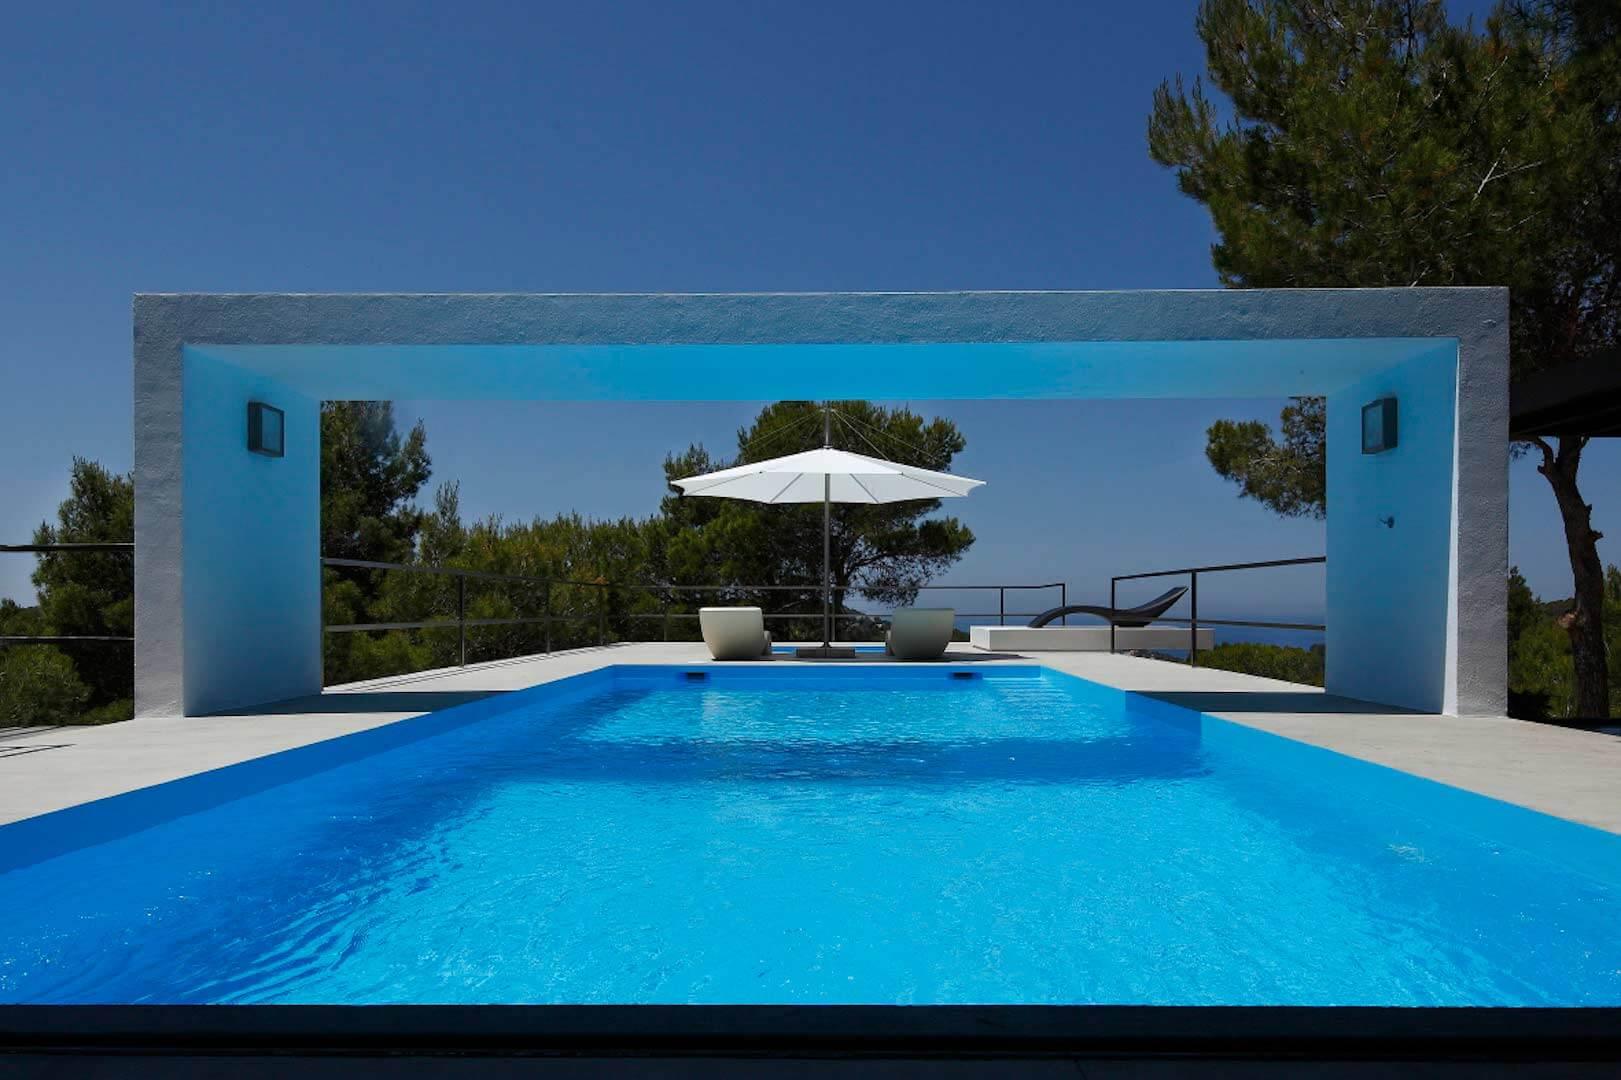 alquilar villa nicky ibiza con vistas al mar cerca de cala vadella ibiza style. Black Bedroom Furniture Sets. Home Design Ideas